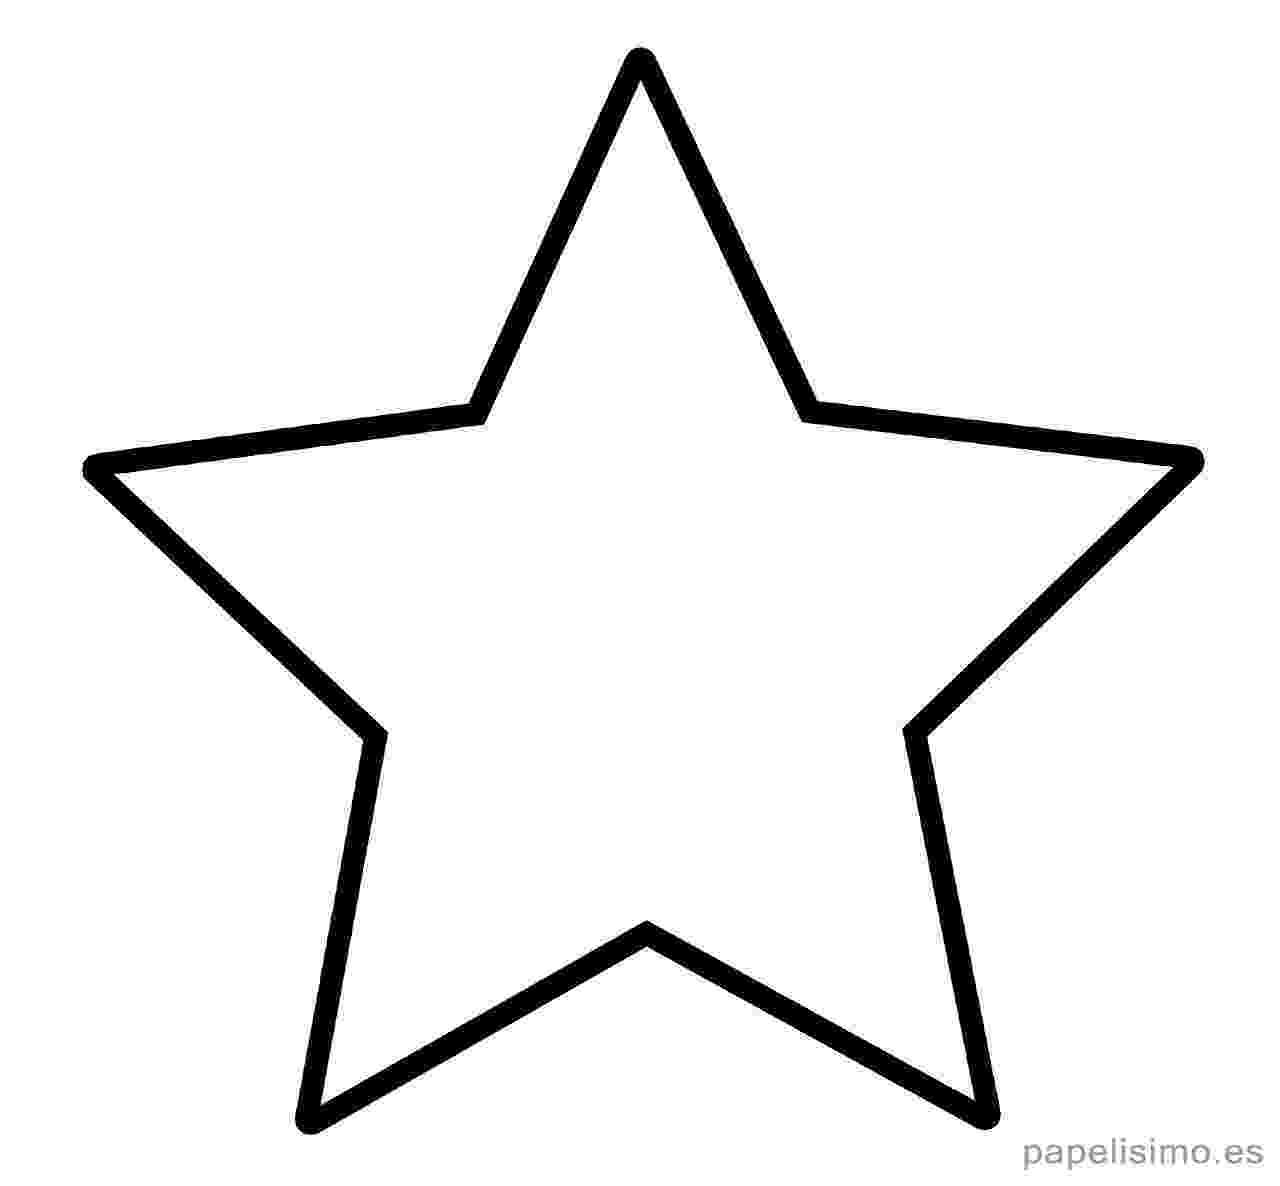 dibujos de estrellas de cinco puntas para imprimir 4 points star coloring page free printable coloring pages cinco dibujos puntas estrellas de para de imprimir